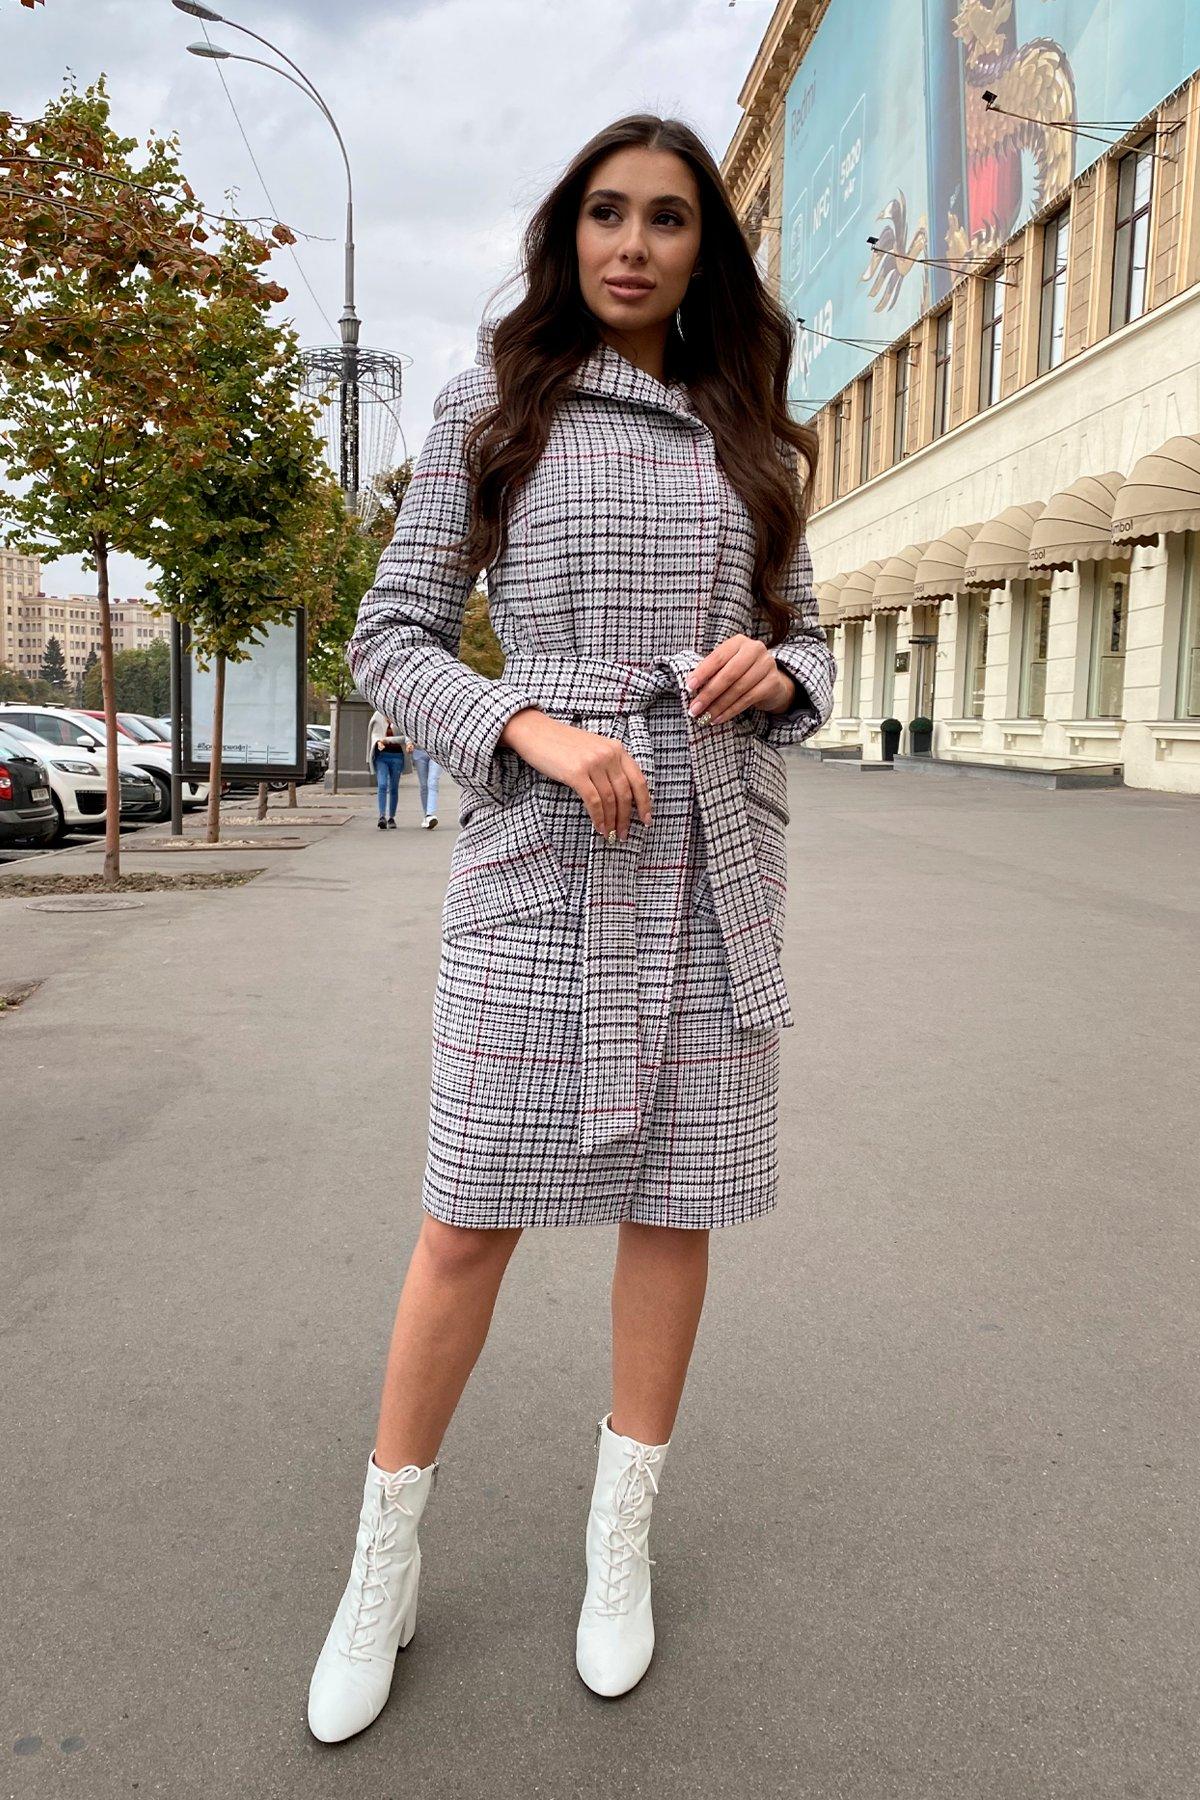 Зимнее пальто в стильную клетку Анджи 8276 АРТ. 44724 Цвет: Клетка кр черн/сер/вин - фото 17, интернет магазин tm-modus.ru